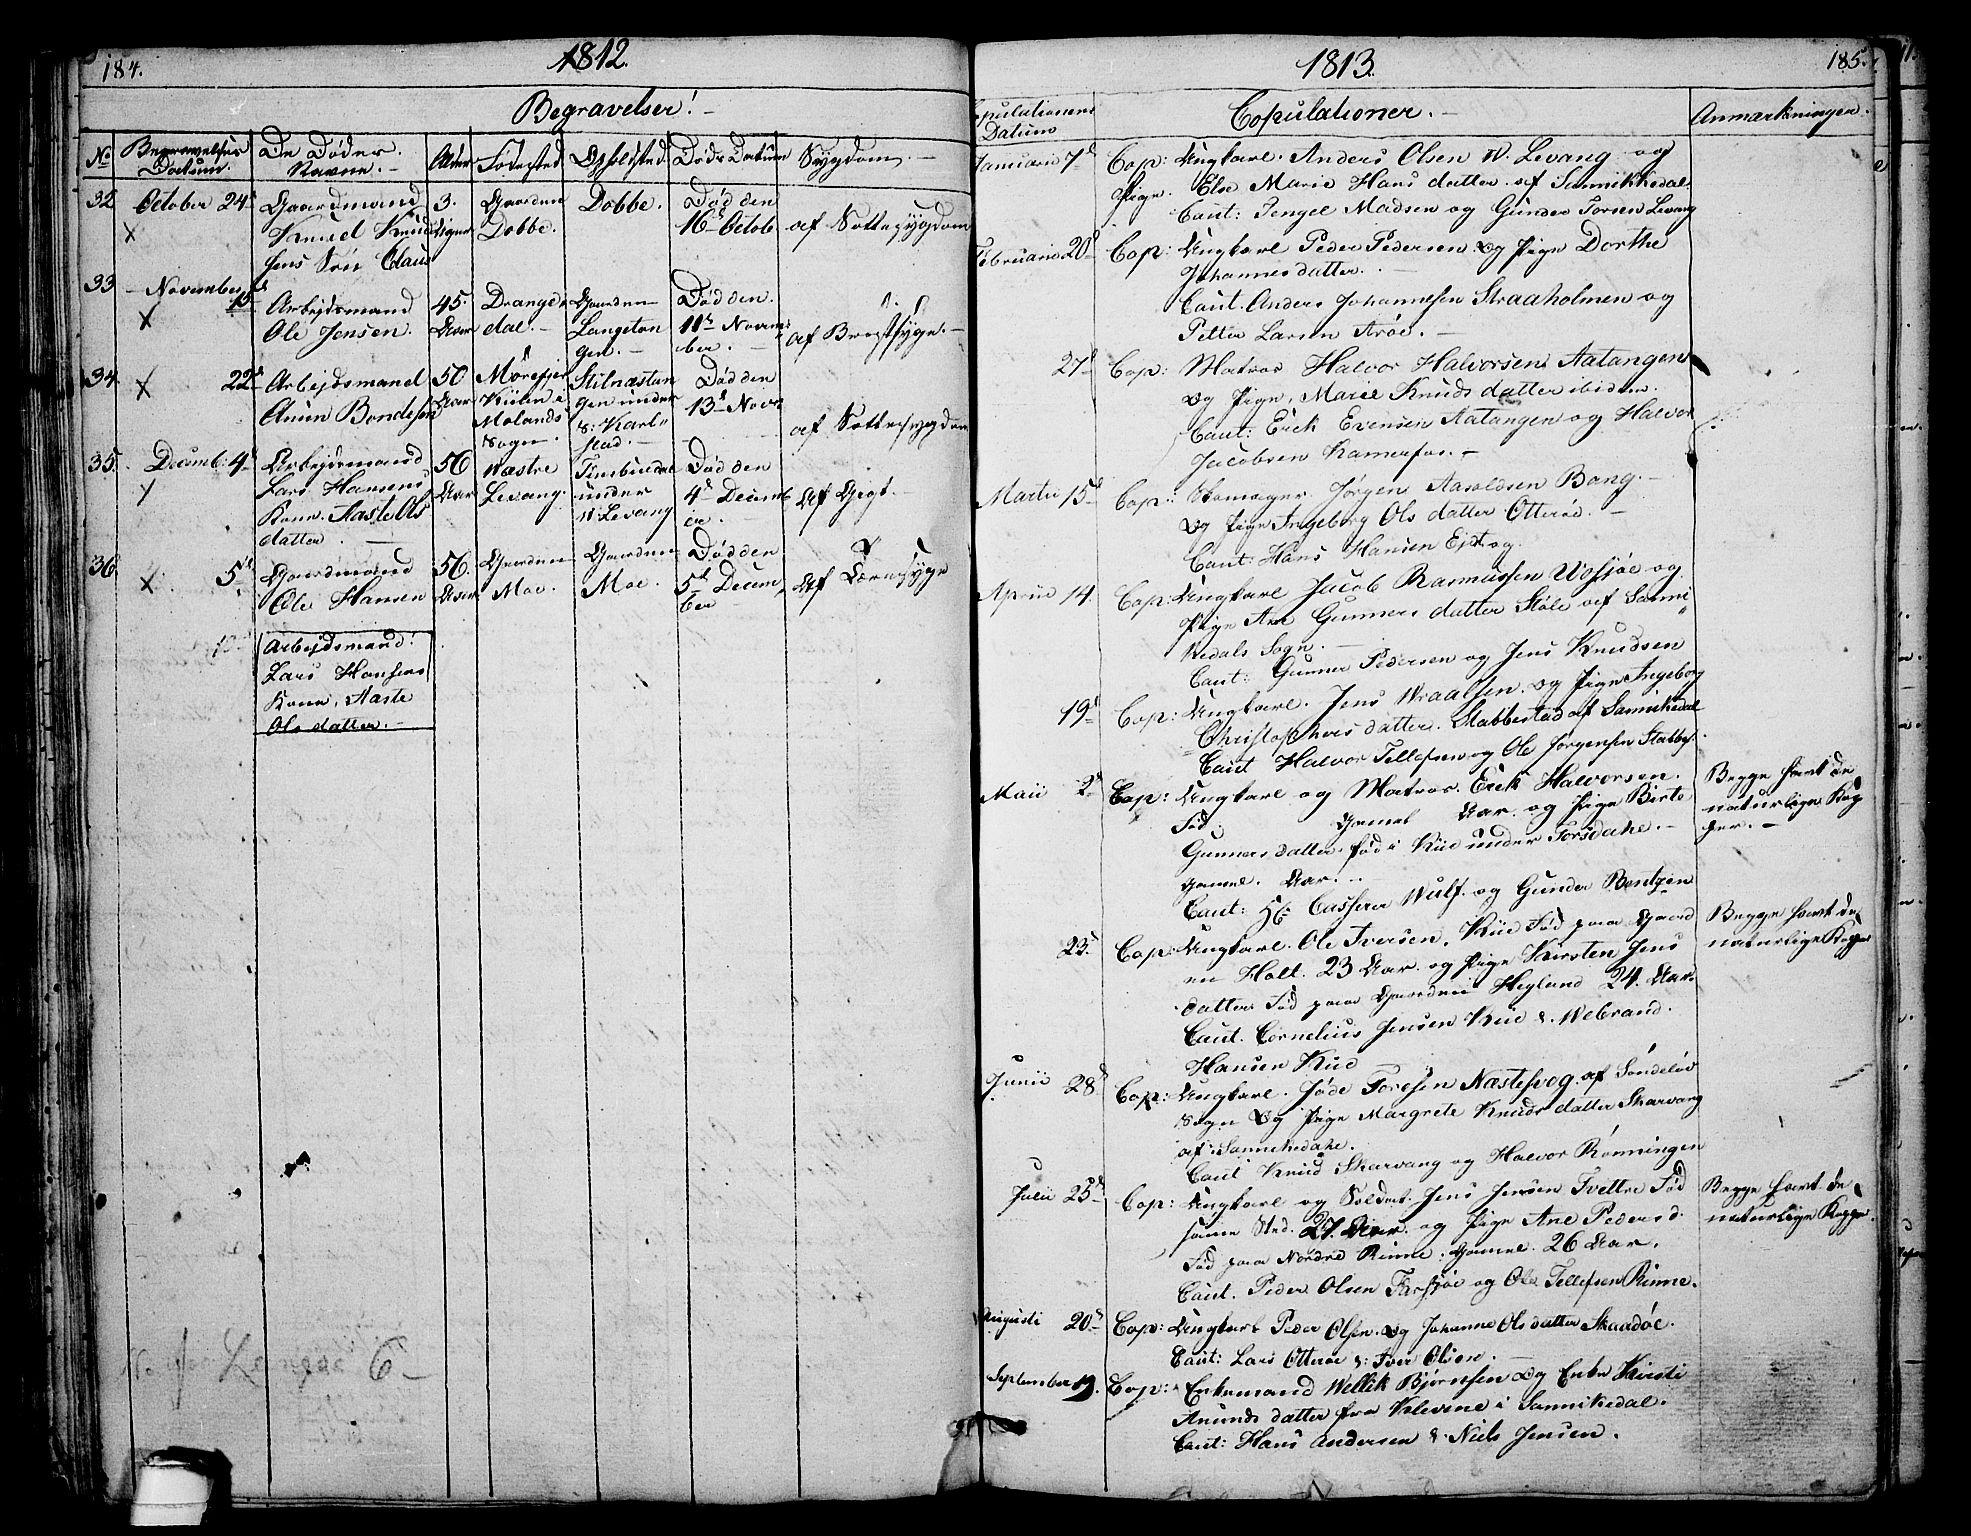 SAKO, Sannidal kirkebøker, F/Fa/L0003: Ministerialbok nr. 3, 1803-1813, s. 184-185